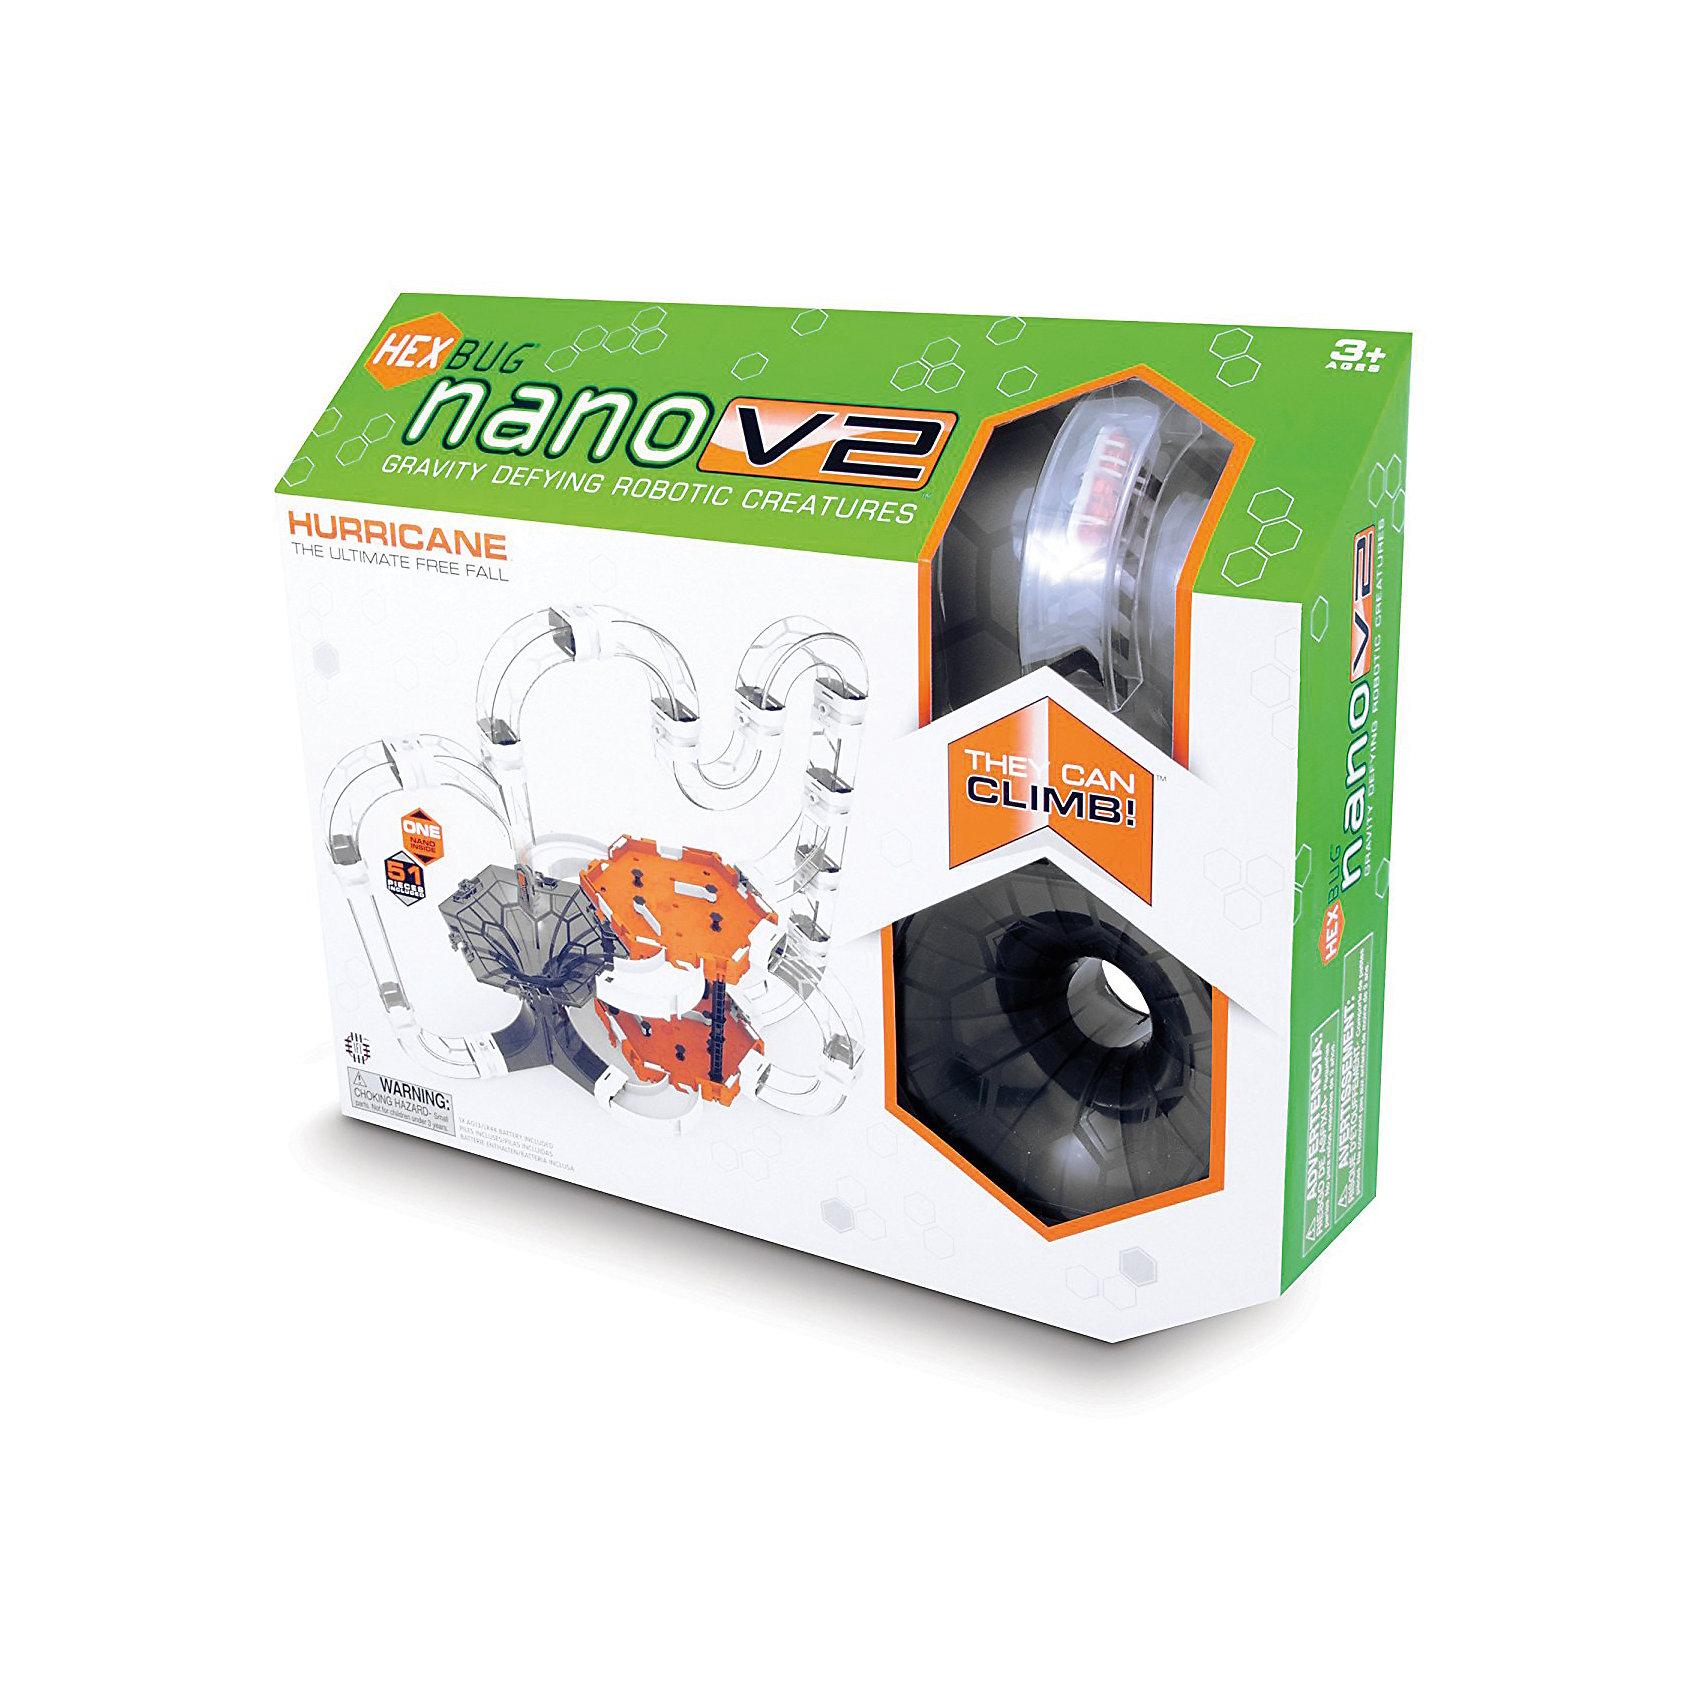 Нано V2 Харикейн сэт - большой игровой набор для Нано V2, HexbugИнтерактивные животные<br>Нано V2 Харикейн сэт - большой игровой набор для Нано V2, Hexbug (Хексбаг)<br><br>Характеристики:<br><br>• разветвленная система туннелей<br>• 2 шестиугольные площадки<br>• микро-робот в комплекте<br>• батарейки: AG13 - 1 шт. (входит в комплект<br>• размер упаковки: 43х35х9 см<br><br>Харикен сэт создан специально для поклонников микро-роботов Нано V2. Конструкция представляет собой огромный лабиринт с множеством тоннелей и двумя площадками. Ваши маленькие жучки будут резвиться на поверхности лабиринта, карабкаться по трубкам и радовать вас своей ловкостью. Главная особенность лабиринта - черная воронка, в которую смогут попасть все жучки. Это представление порадует вас оригинальным исполнением.<br><br>Нано V2 Харикейн сэт - большой игровой набор для Нано V2, Hexbug (Хексбаг) можно купить в нашем интернет-магазине.<br><br>Ширина мм: 350<br>Глубина мм: 90<br>Высота мм: 430<br>Вес г: 1004<br>Возраст от месяцев: 36<br>Возраст до месяцев: 2147483647<br>Пол: Унисекс<br>Возраст: Детский<br>SKU: 5507201